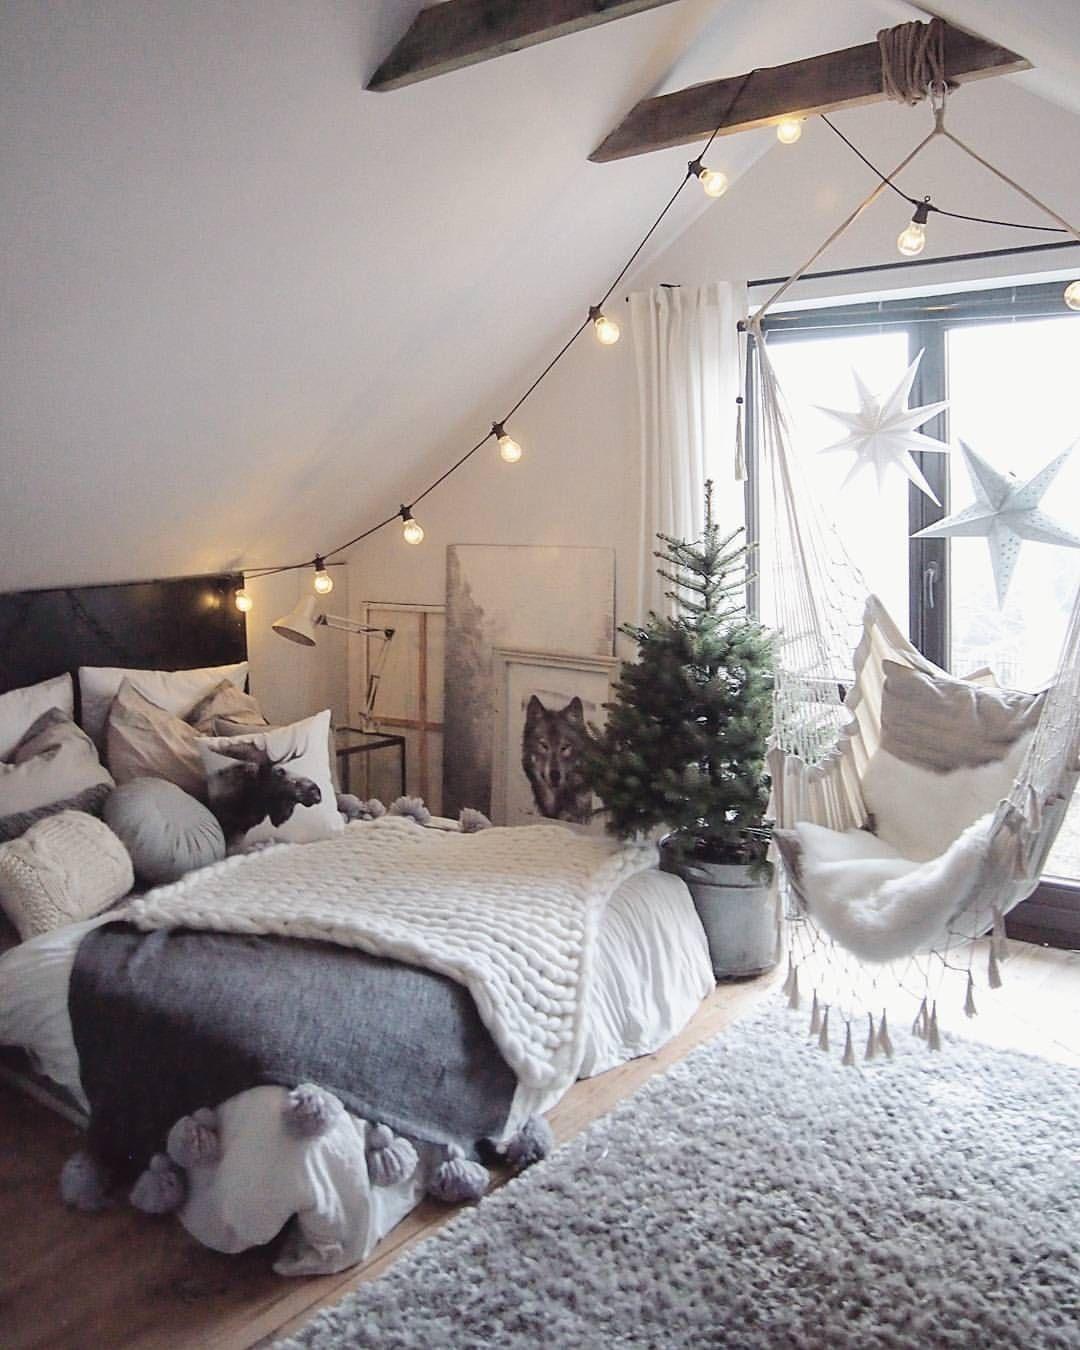 12 Déco Chambre Ado Fille   Bedroom decor cozy, Bedroom ideas ...